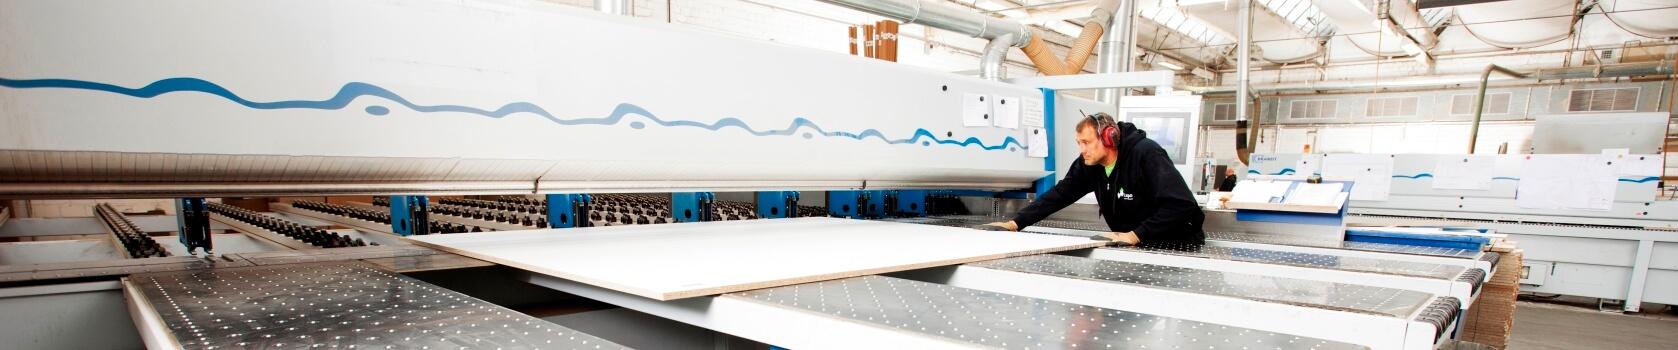 Realisierung-von-ixpo-Messebau-Markenwelten-Markenarchitektur-Tischlerei-CNC